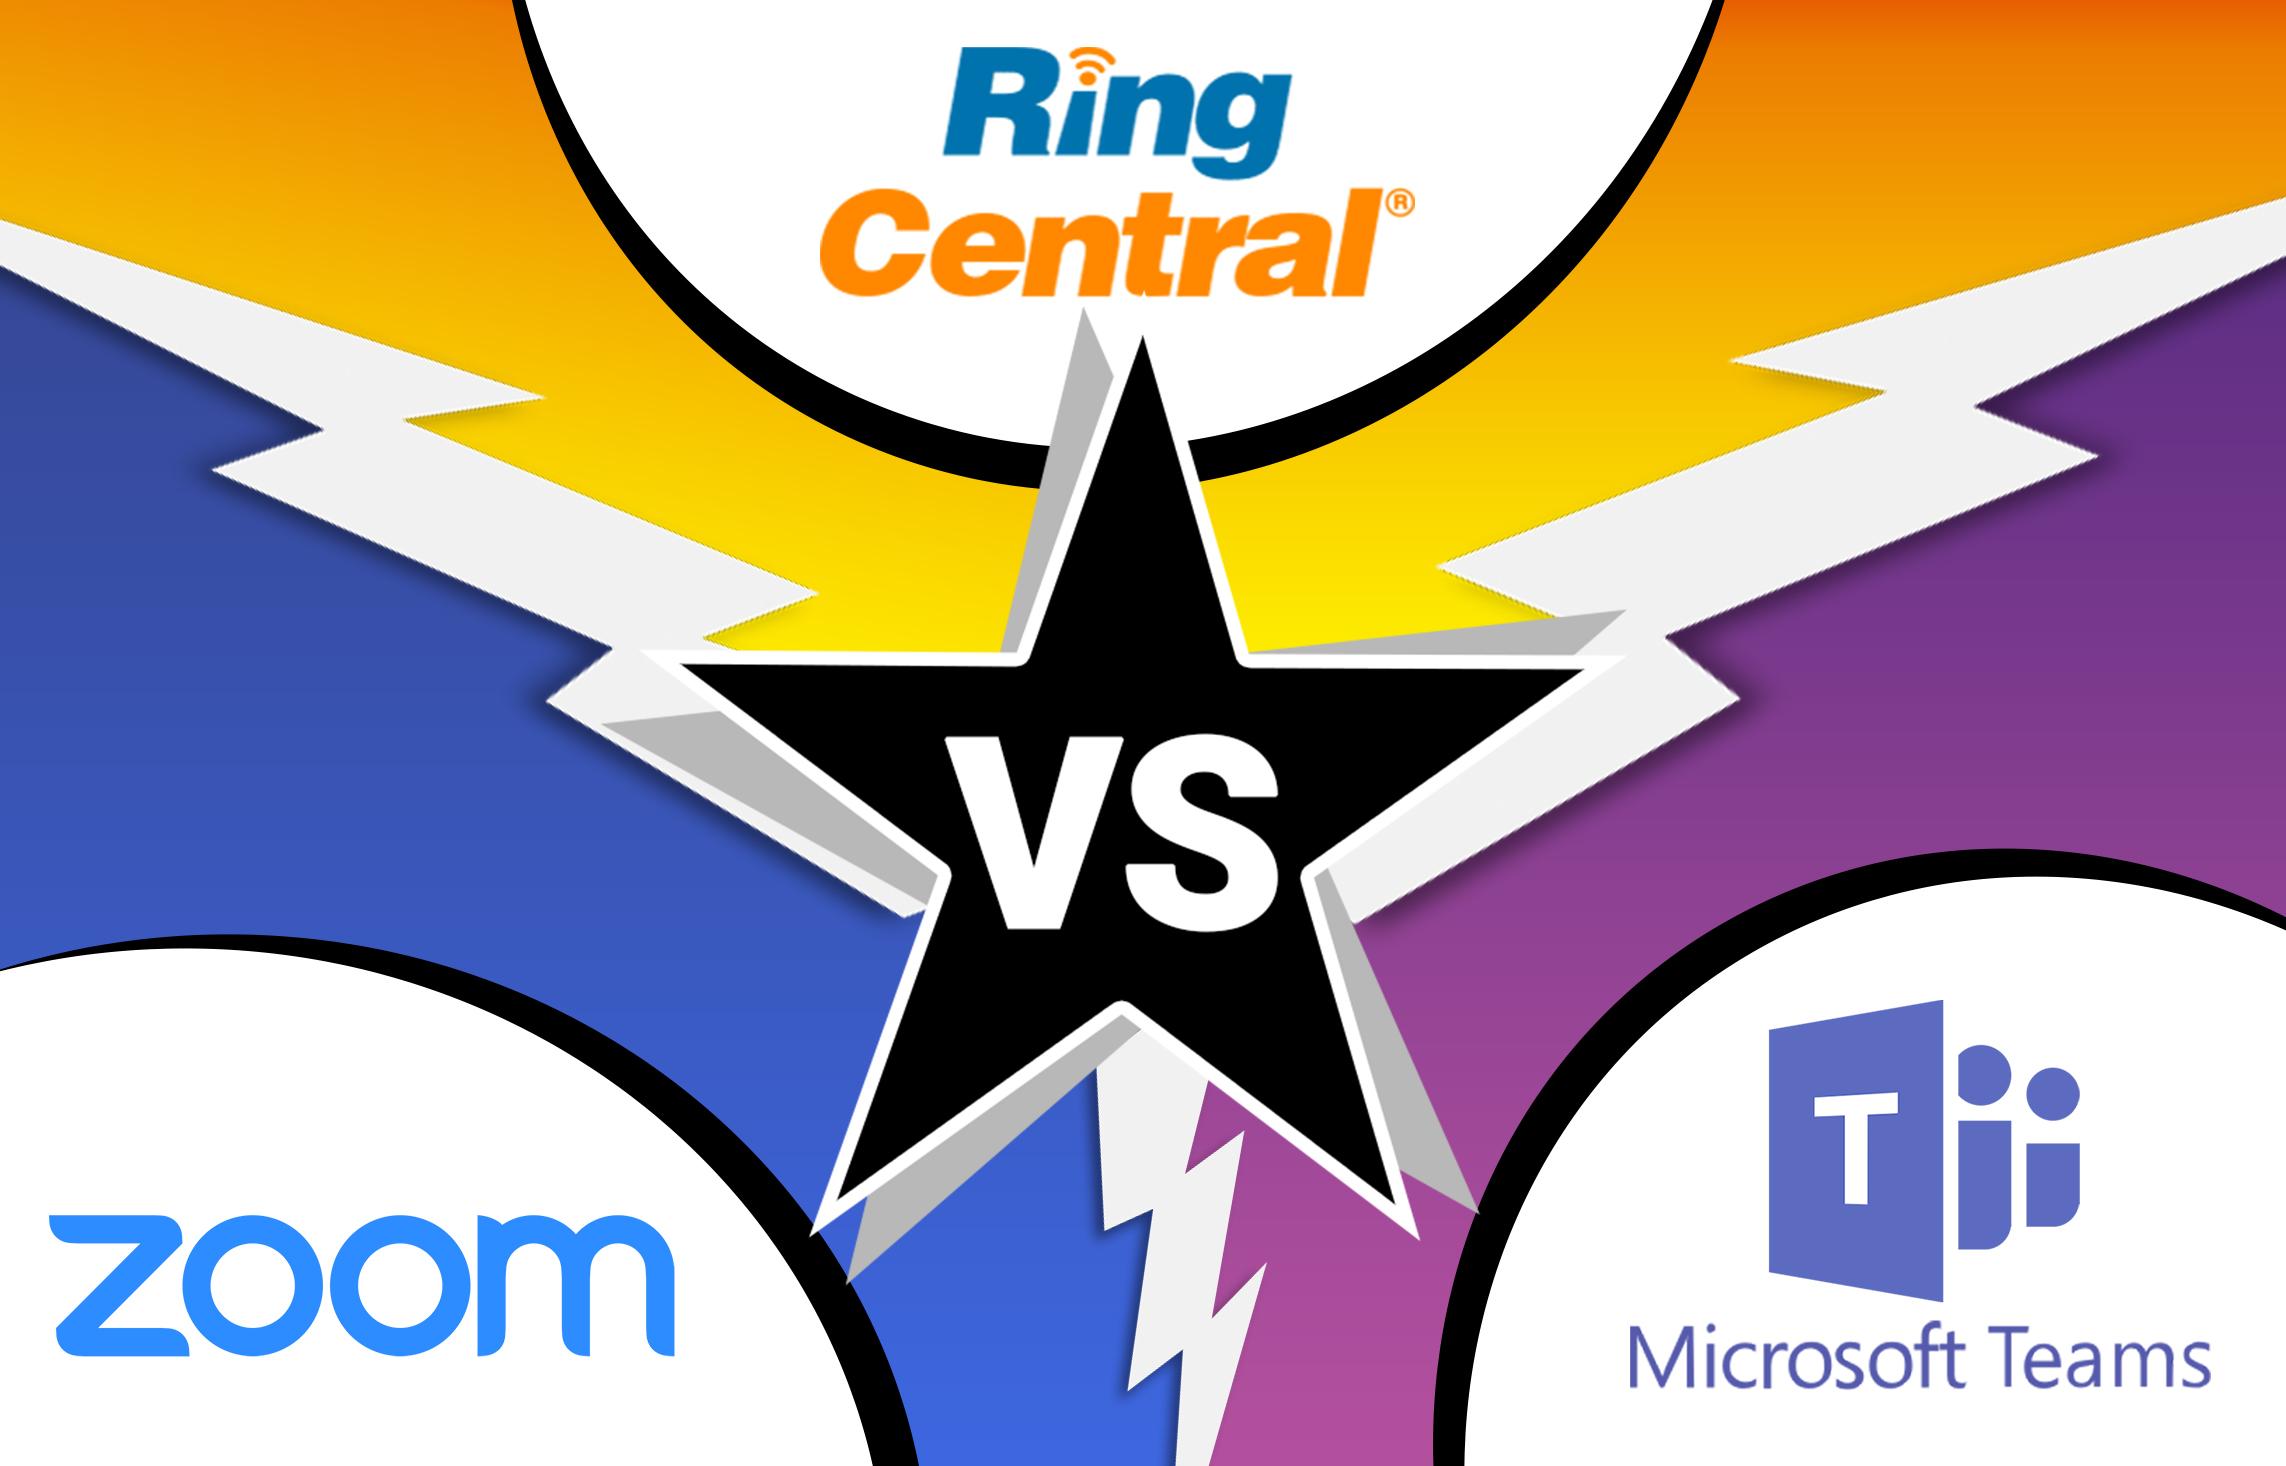 zoom vs microsoft team vs ring central